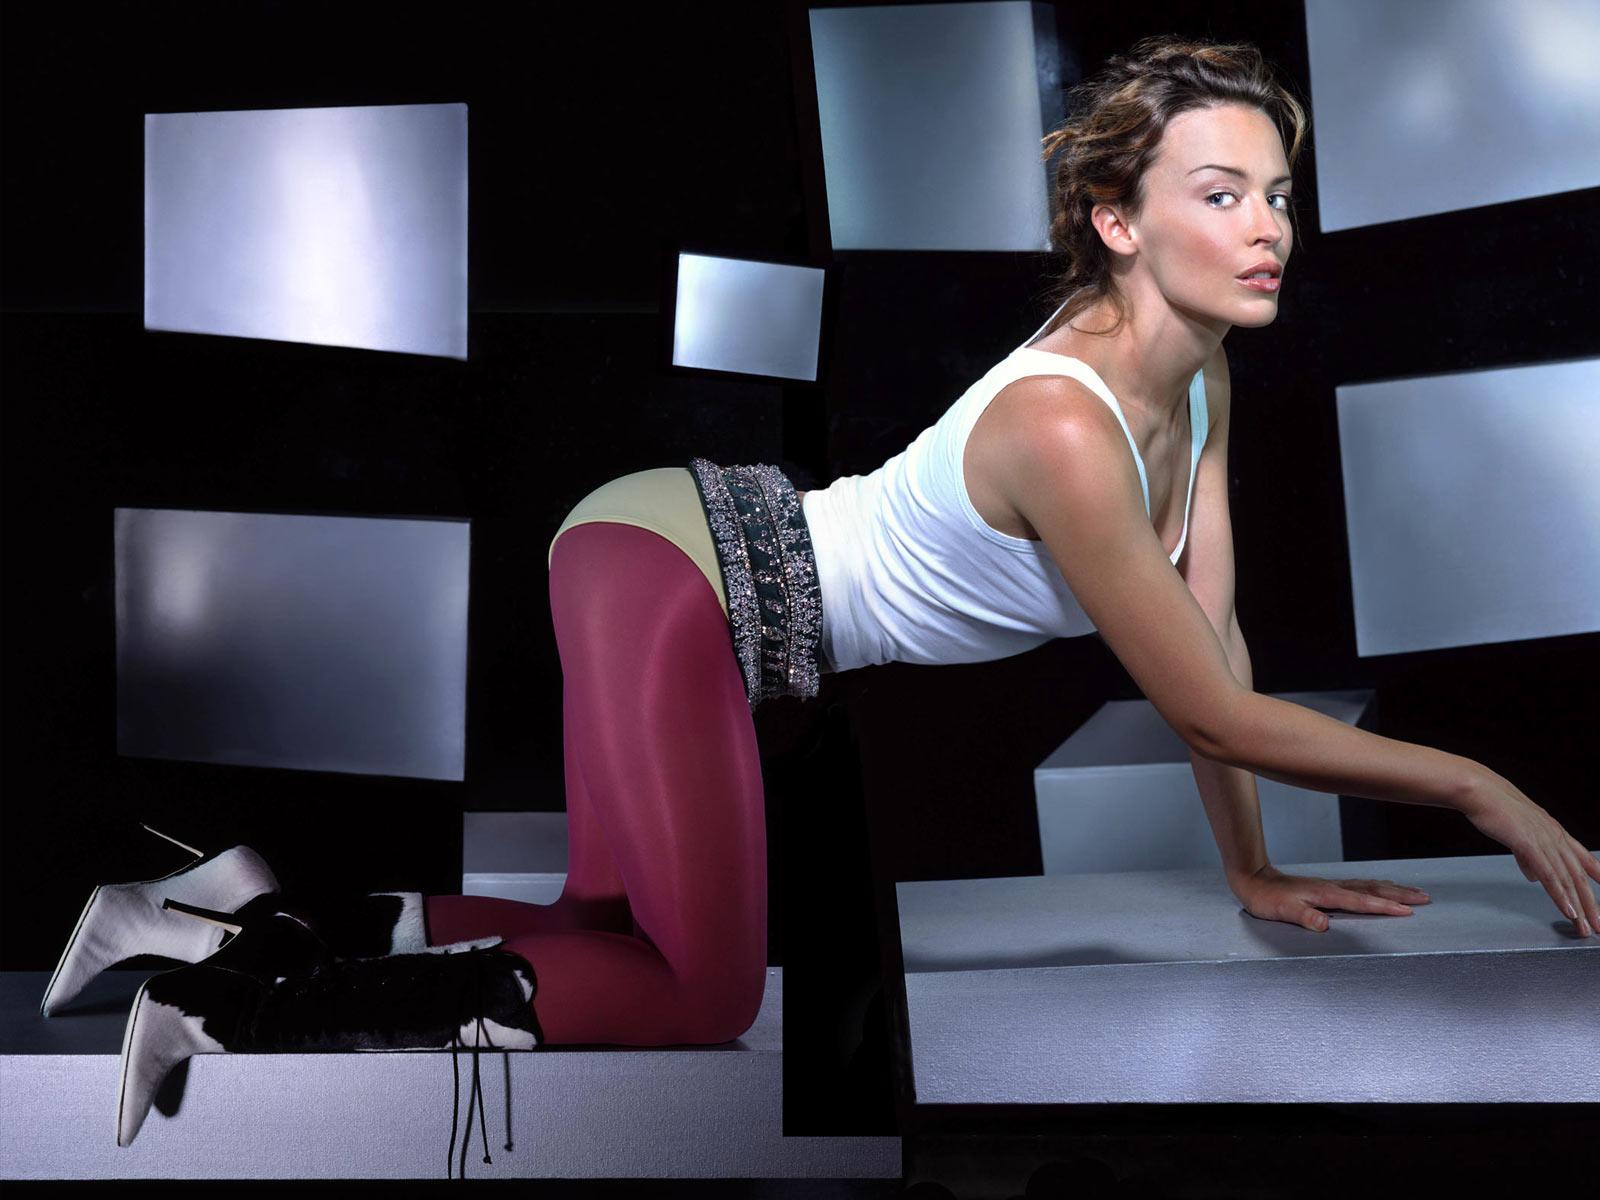 http://3.bp.blogspot.com/_h0JK8nyOgTA/TLhls9ZtNRI/AAAAAAAAHF0/DQzpKz7Mtgw/s1600/Kylie_Minogue_-_Pop_star.jpg